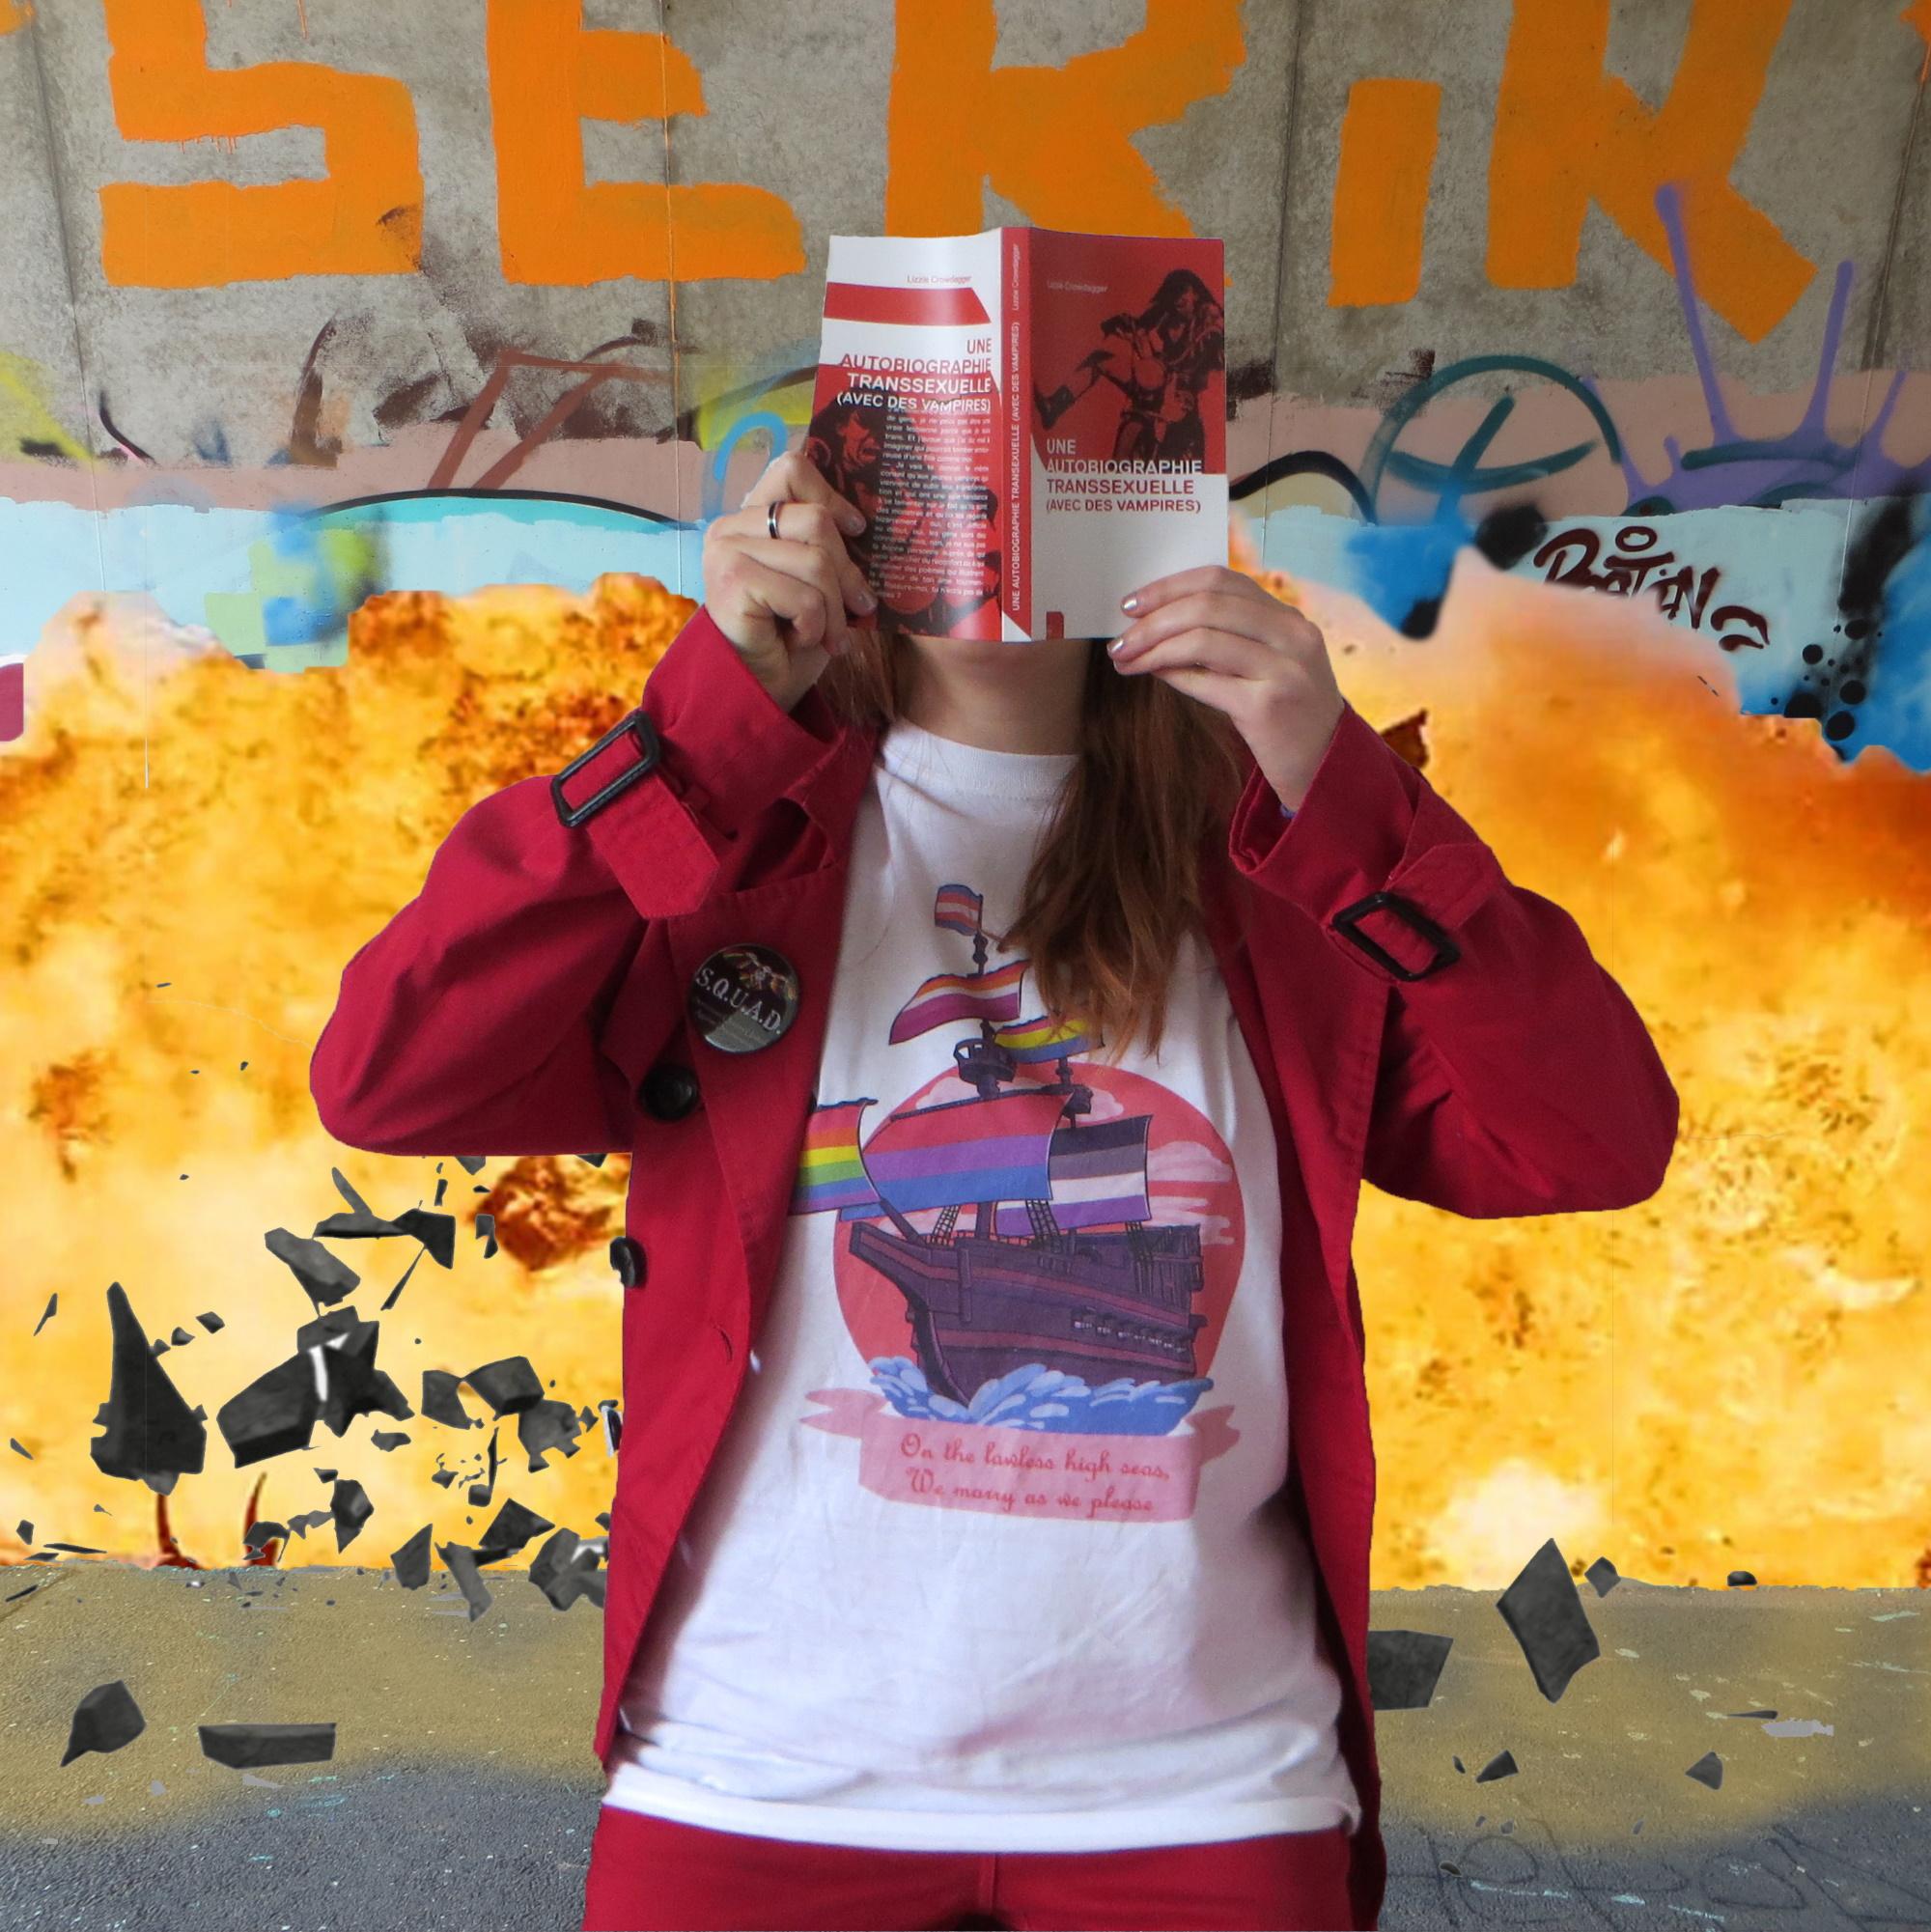 personne en t-shirt pirate queer et parka rouge lisant Une autobiographie transssexuelle (avec des vampires) de Lizzie Crowdagger devant un mur tagué qui explose